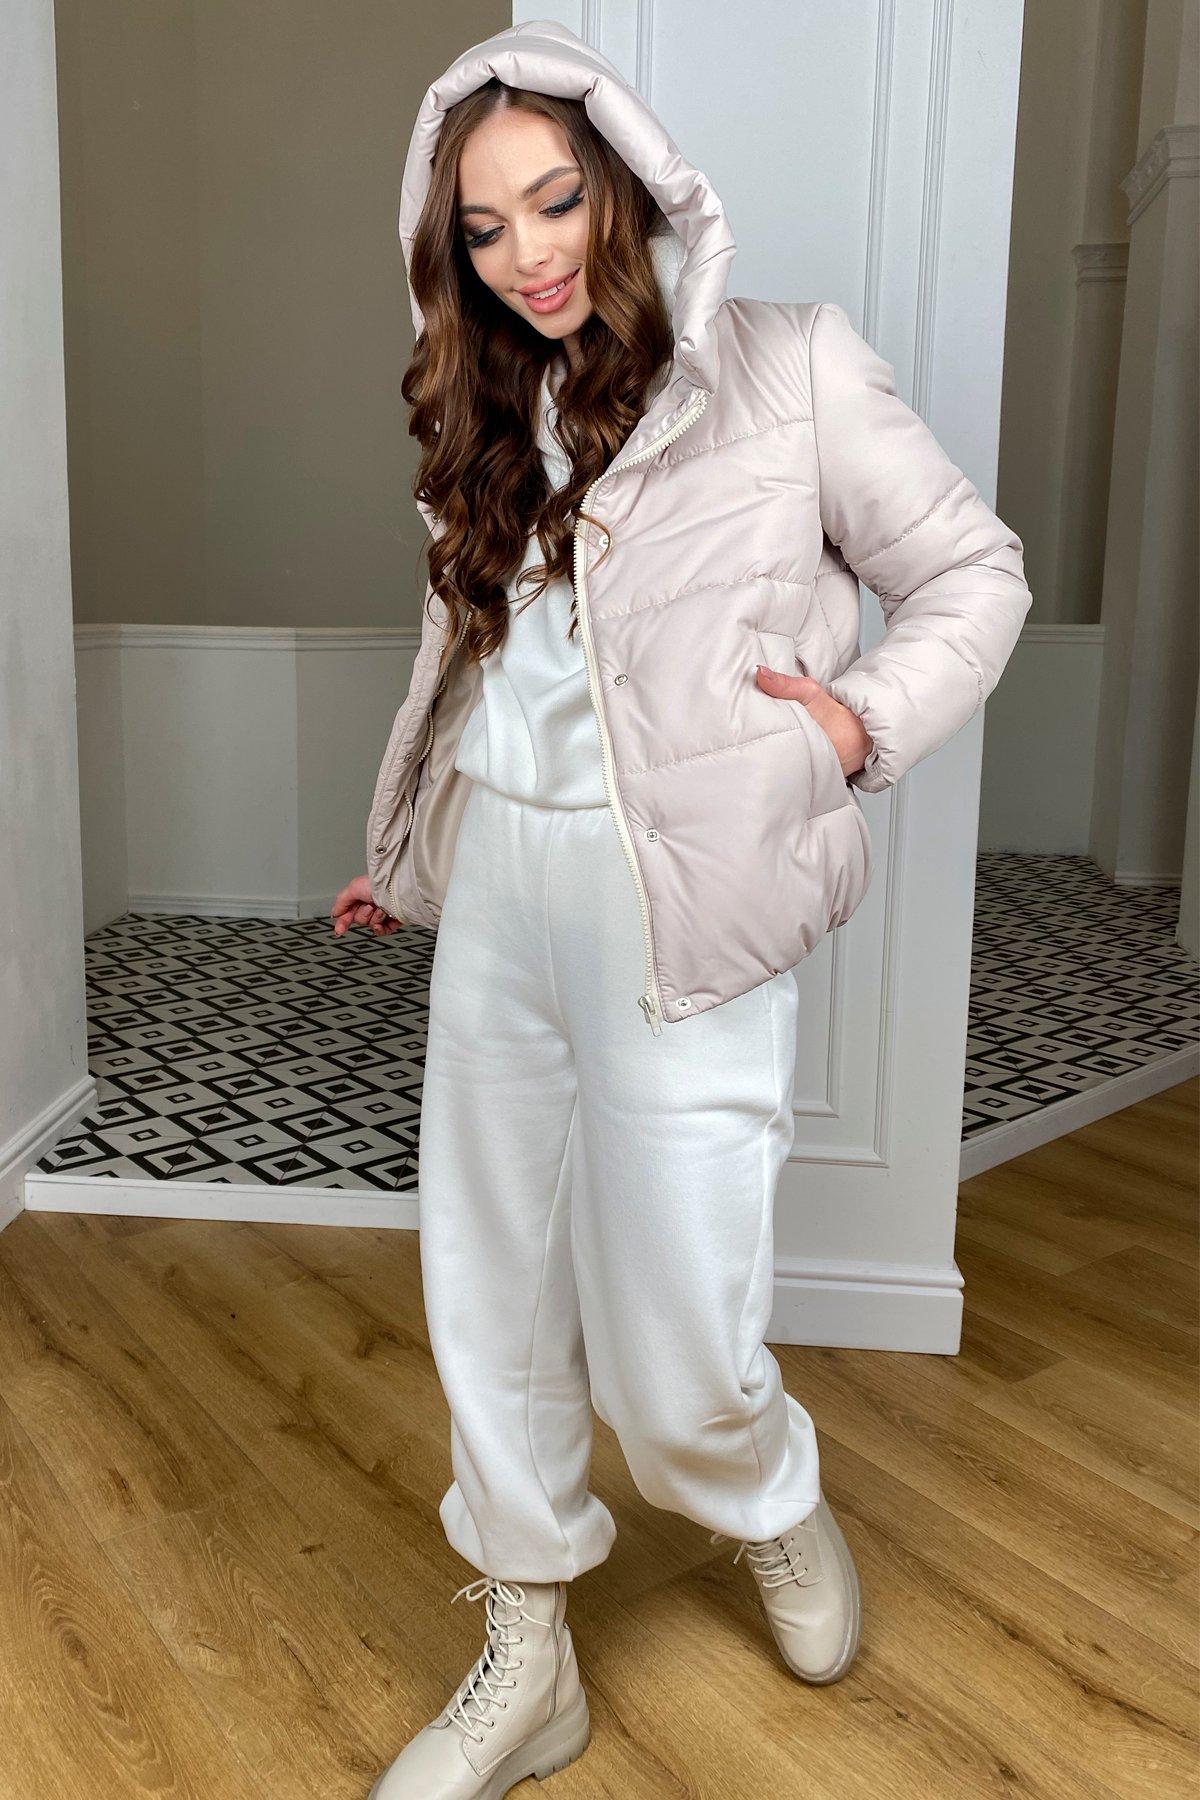 Рито  куртка из плащевой ткани Ammy  10443 АРТ. 46764 Цвет: Бежевый 511 - фото 4, интернет магазин tm-modus.ru